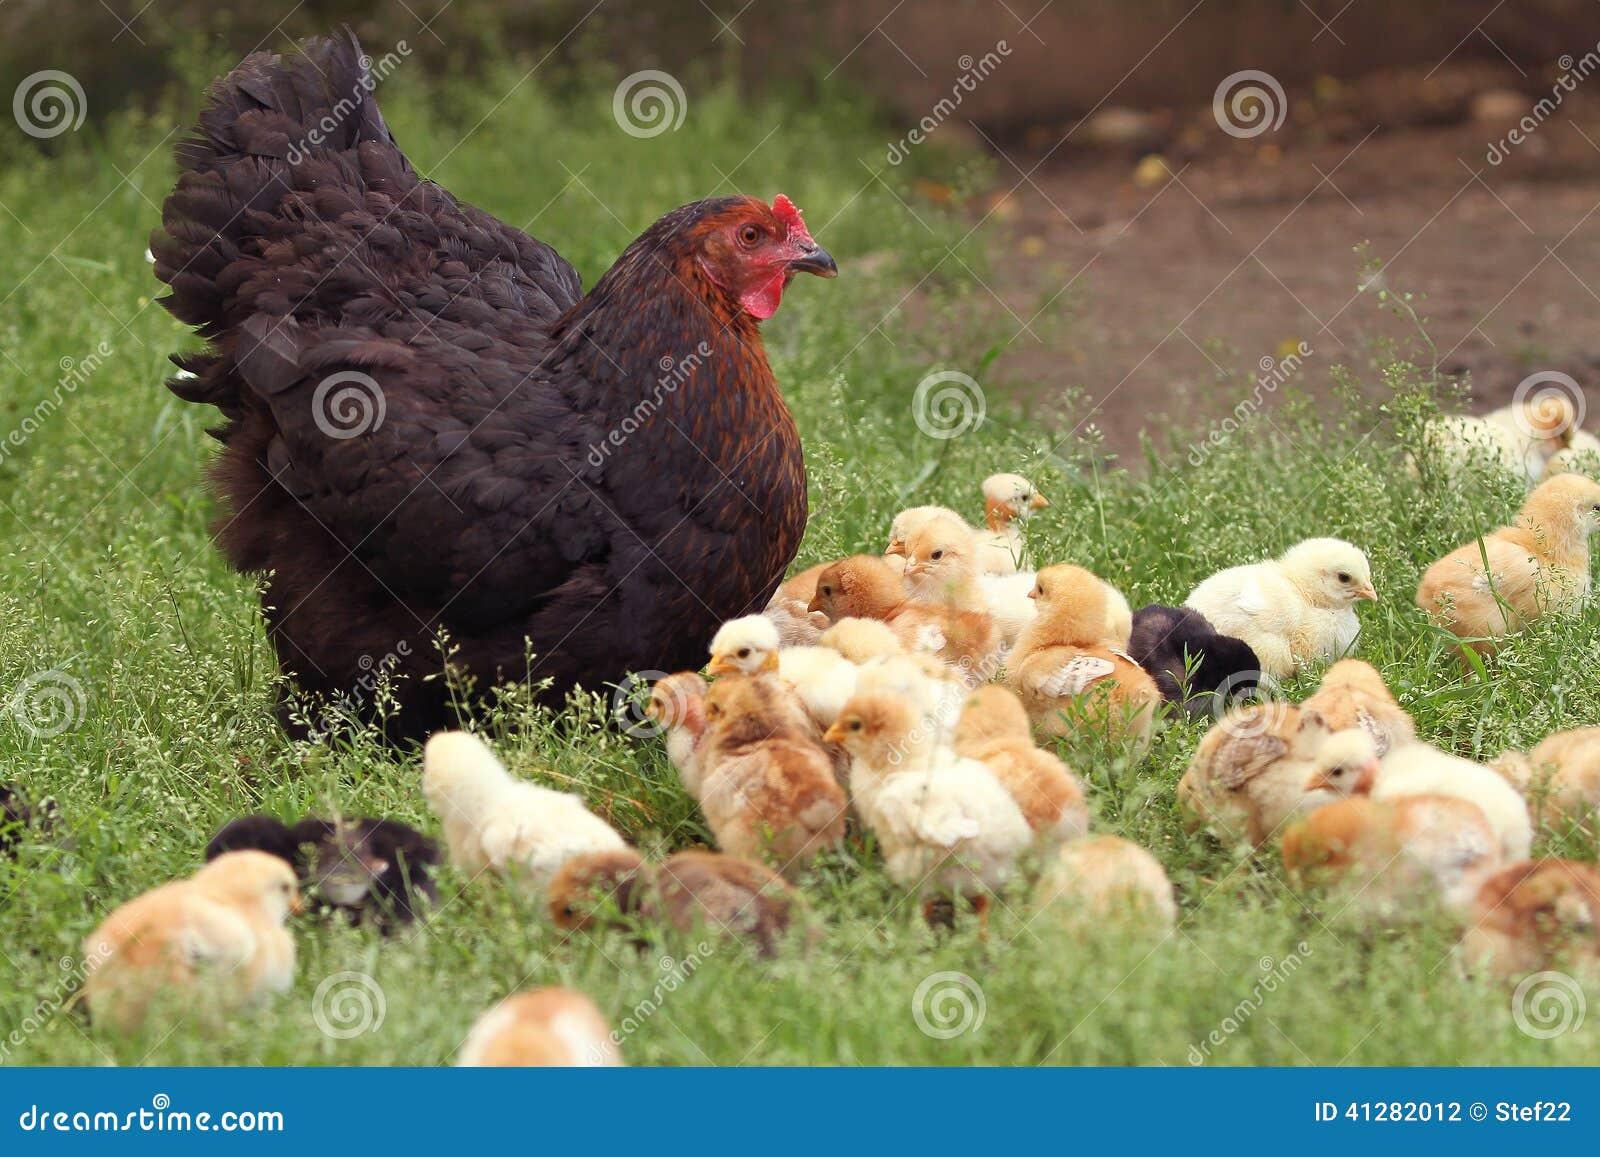 Poule et poussins gloussants